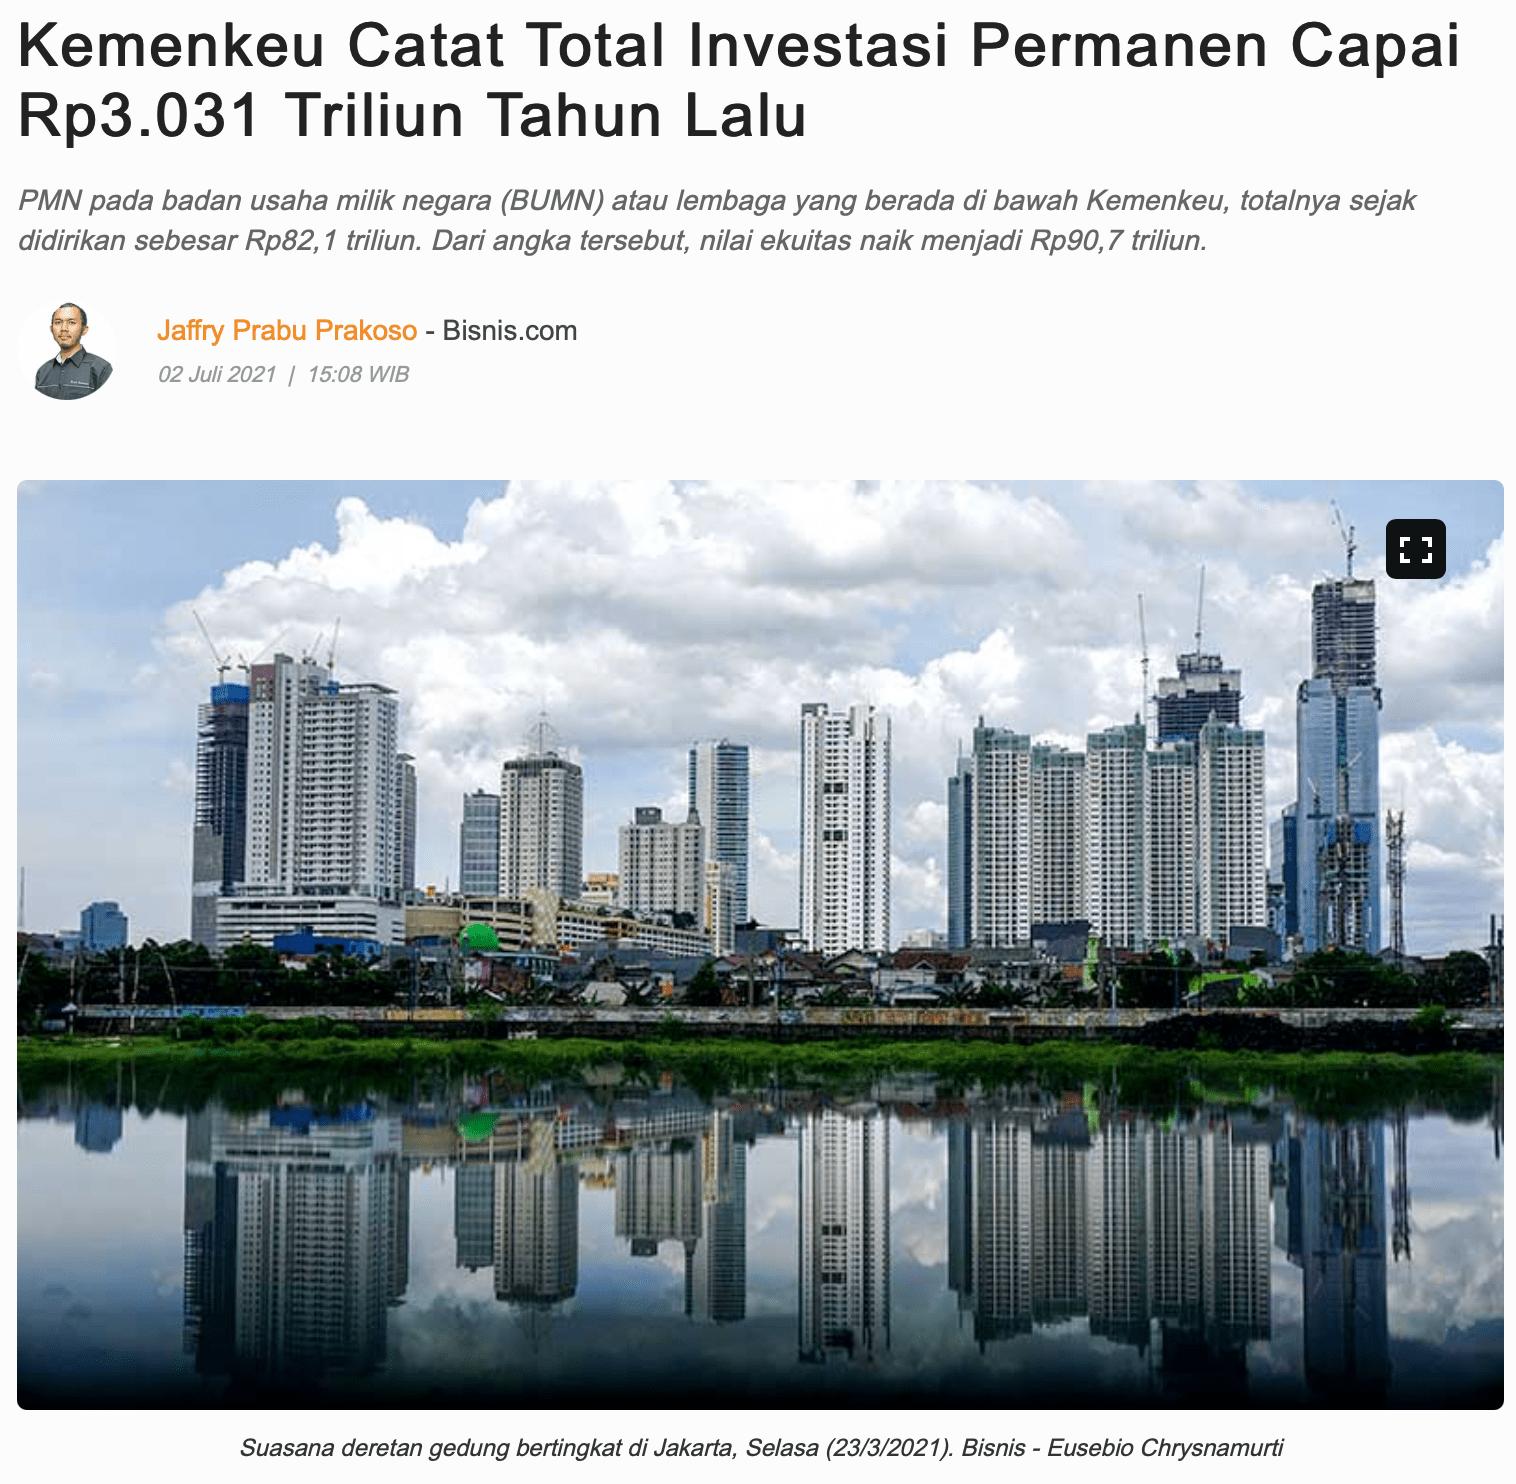 Kemenkeu Catat Total Investasi Permanen Capai Rp3.031 Triliun Tahun Lalu